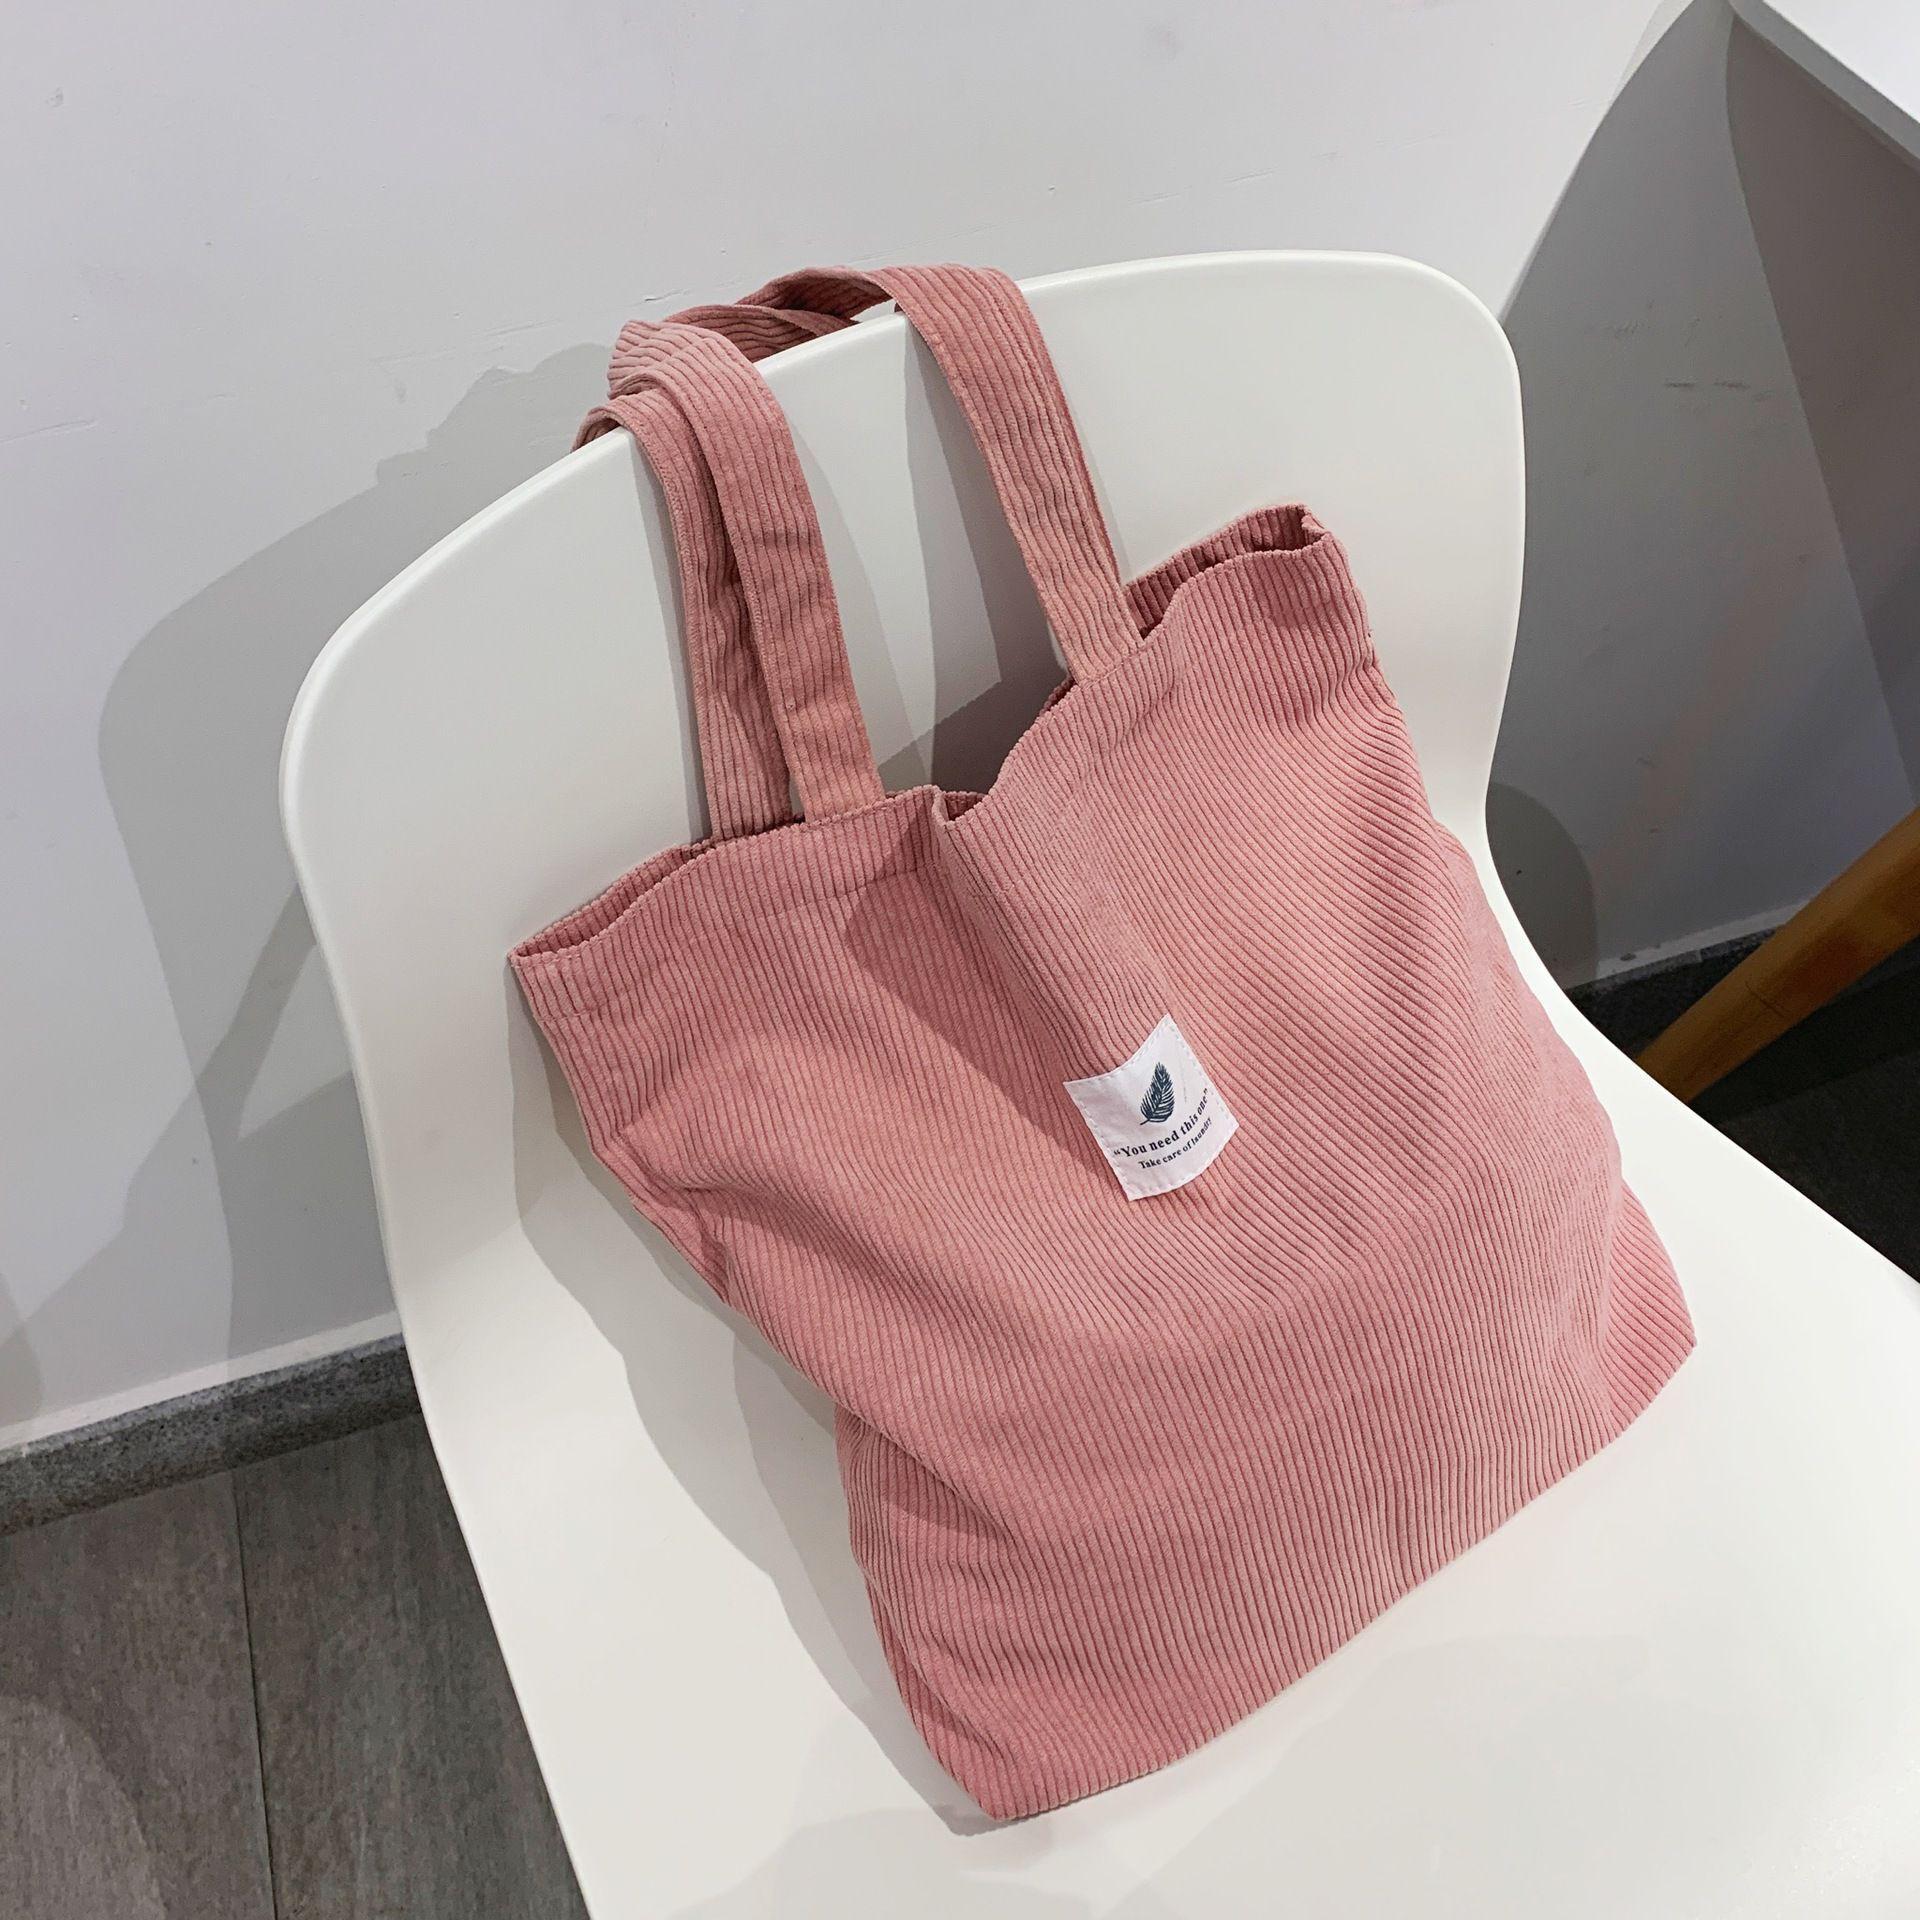 Сумки HBP для женщин 2021 CORDUROY Сумка на плечо Многоразовые сумочки повседневной сумки повседневные